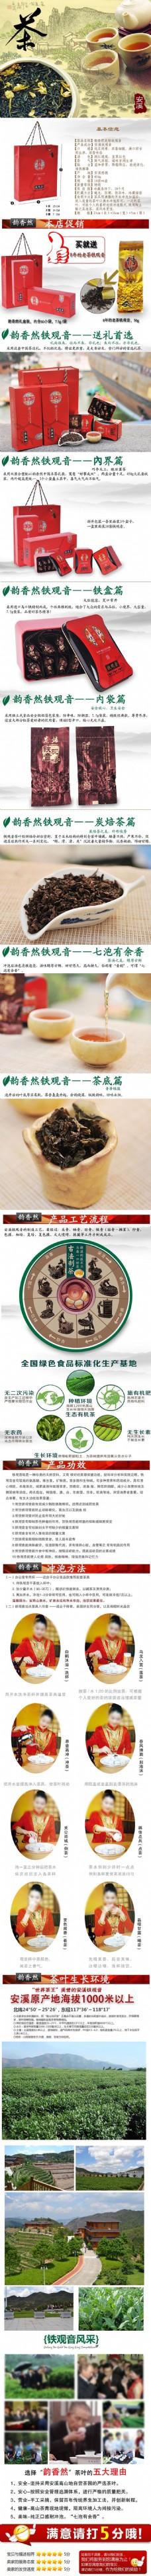 茶叶淘宝详情页图片